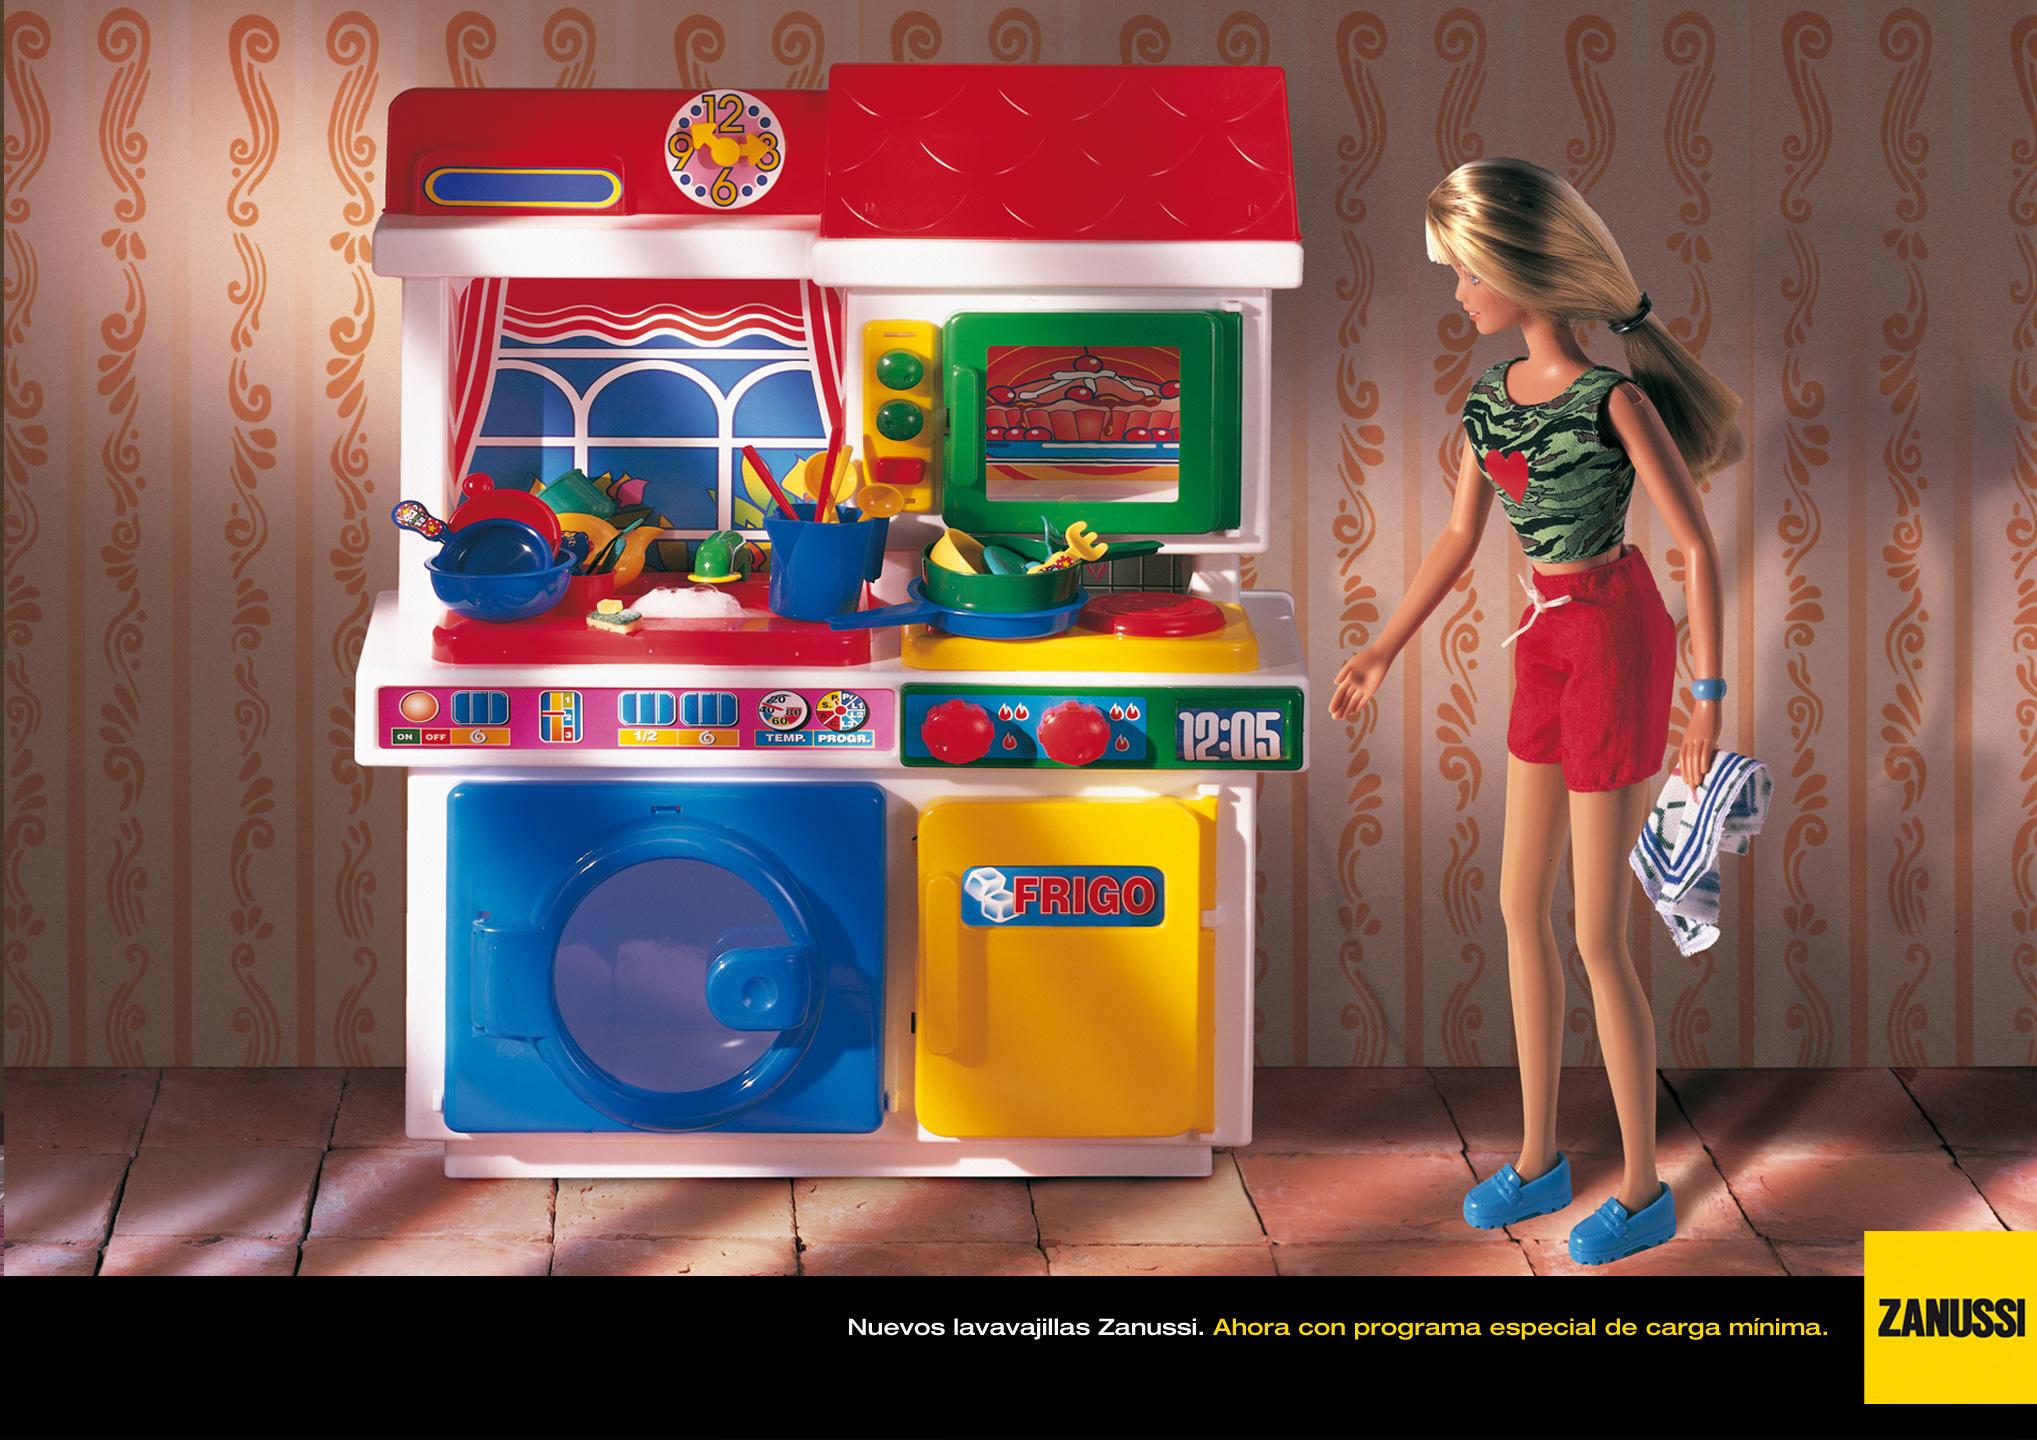 01_013-grafica-zanussi-lavavajillas-grafica